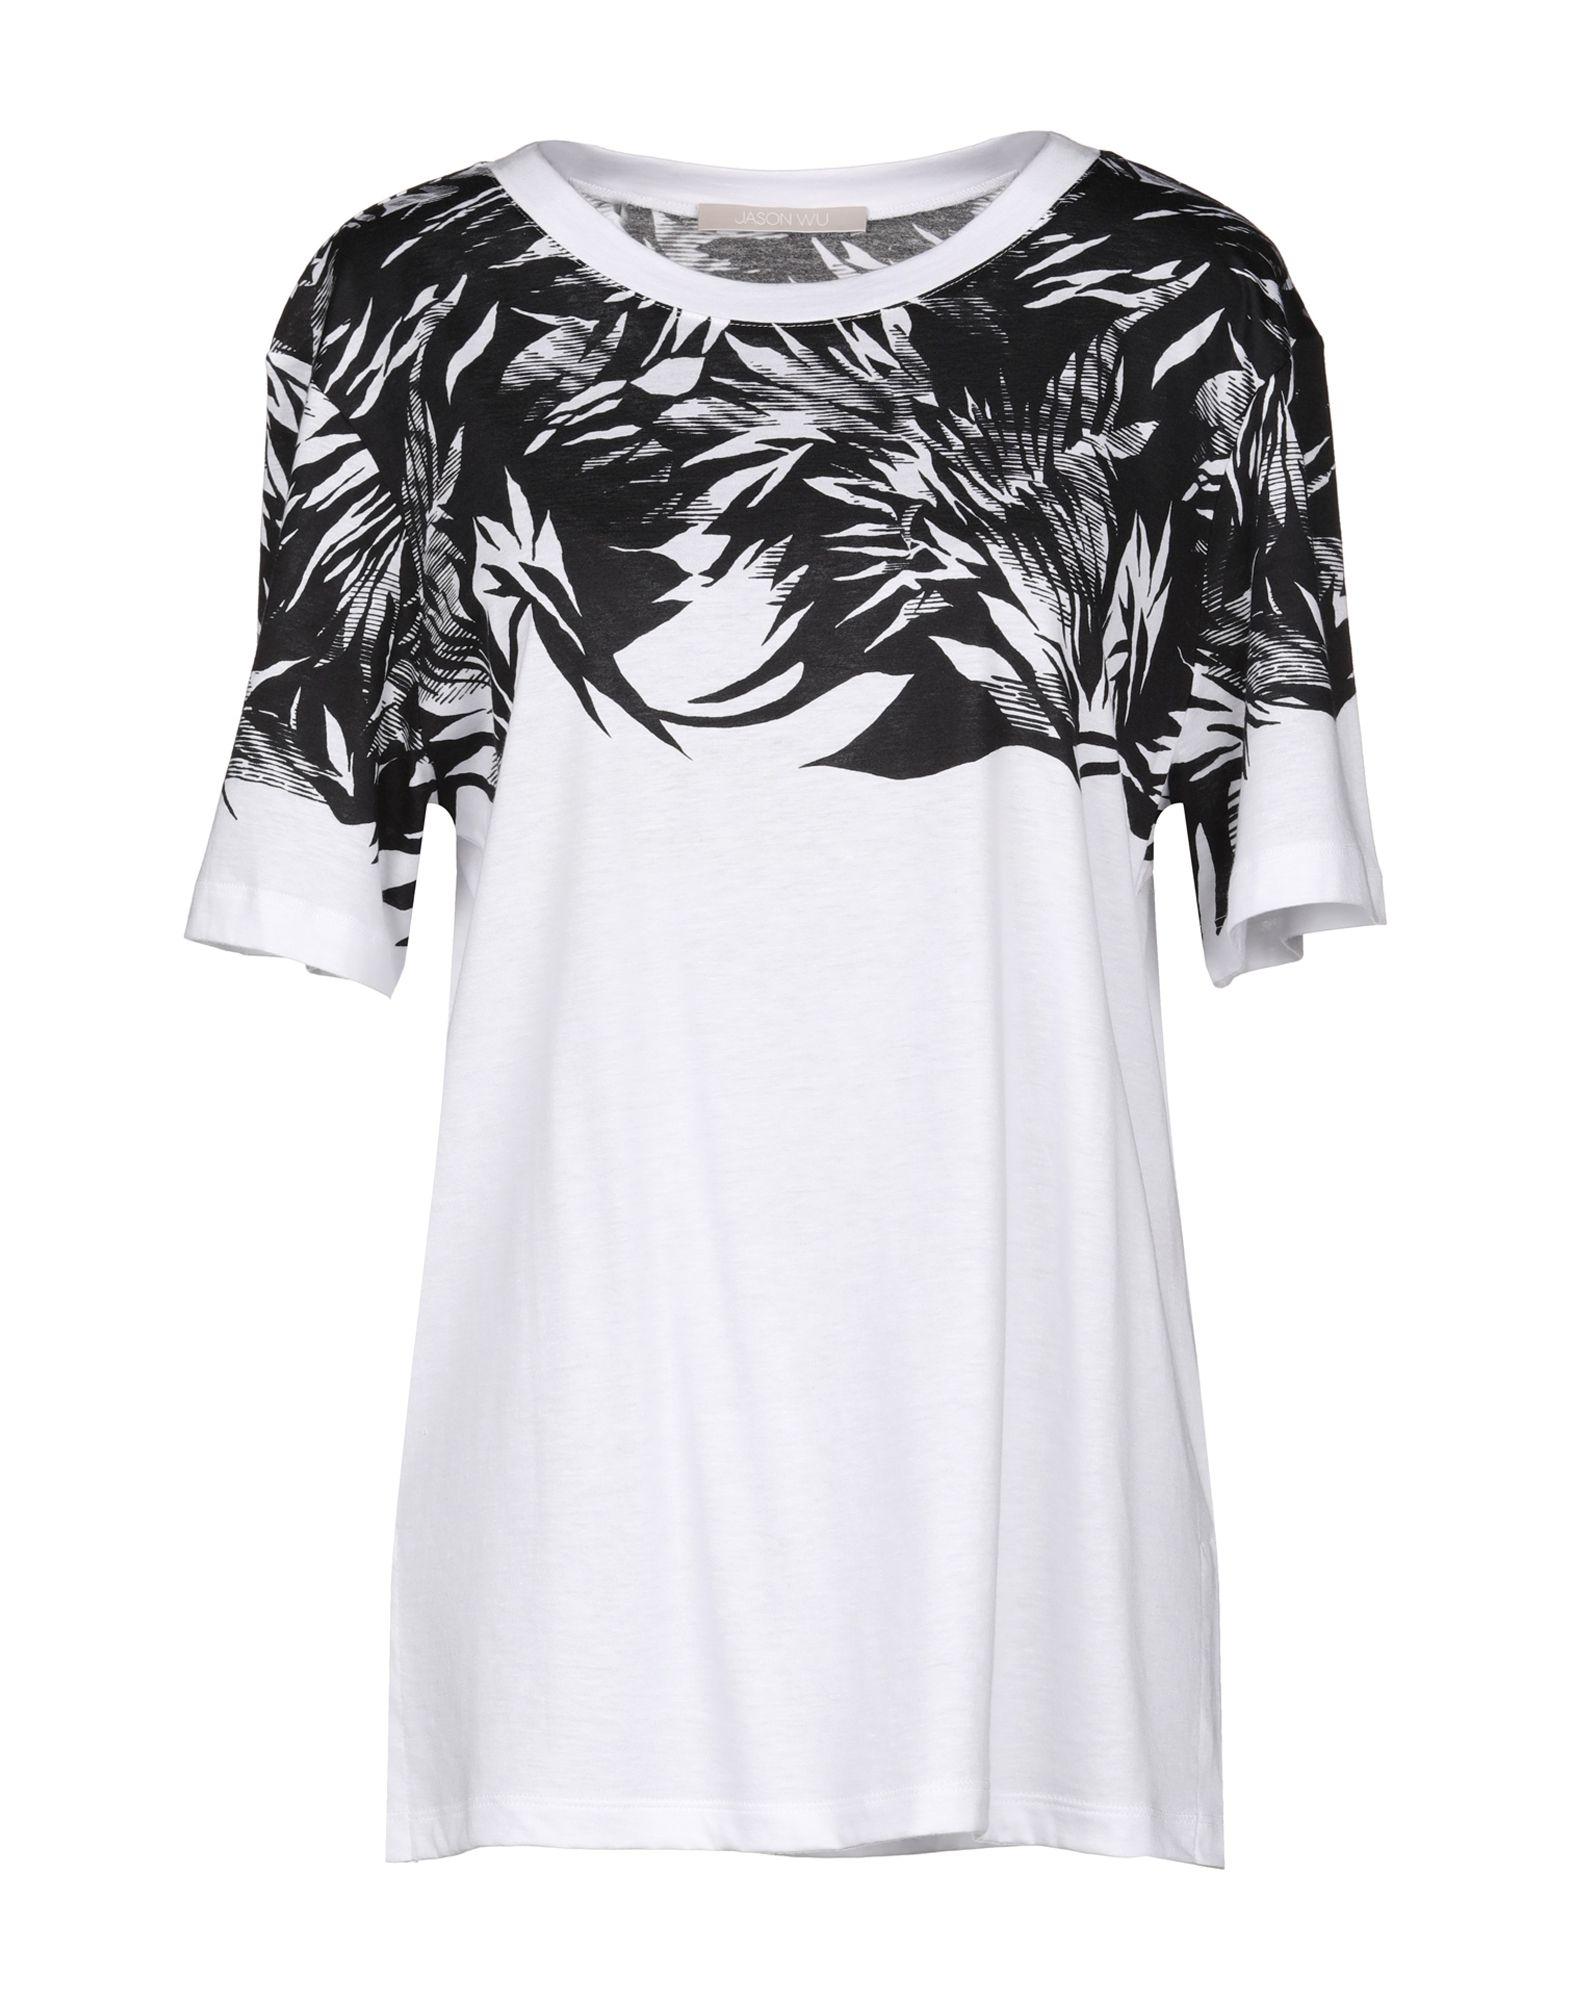 T-Shirt Jason Wu donna - 12234810MH